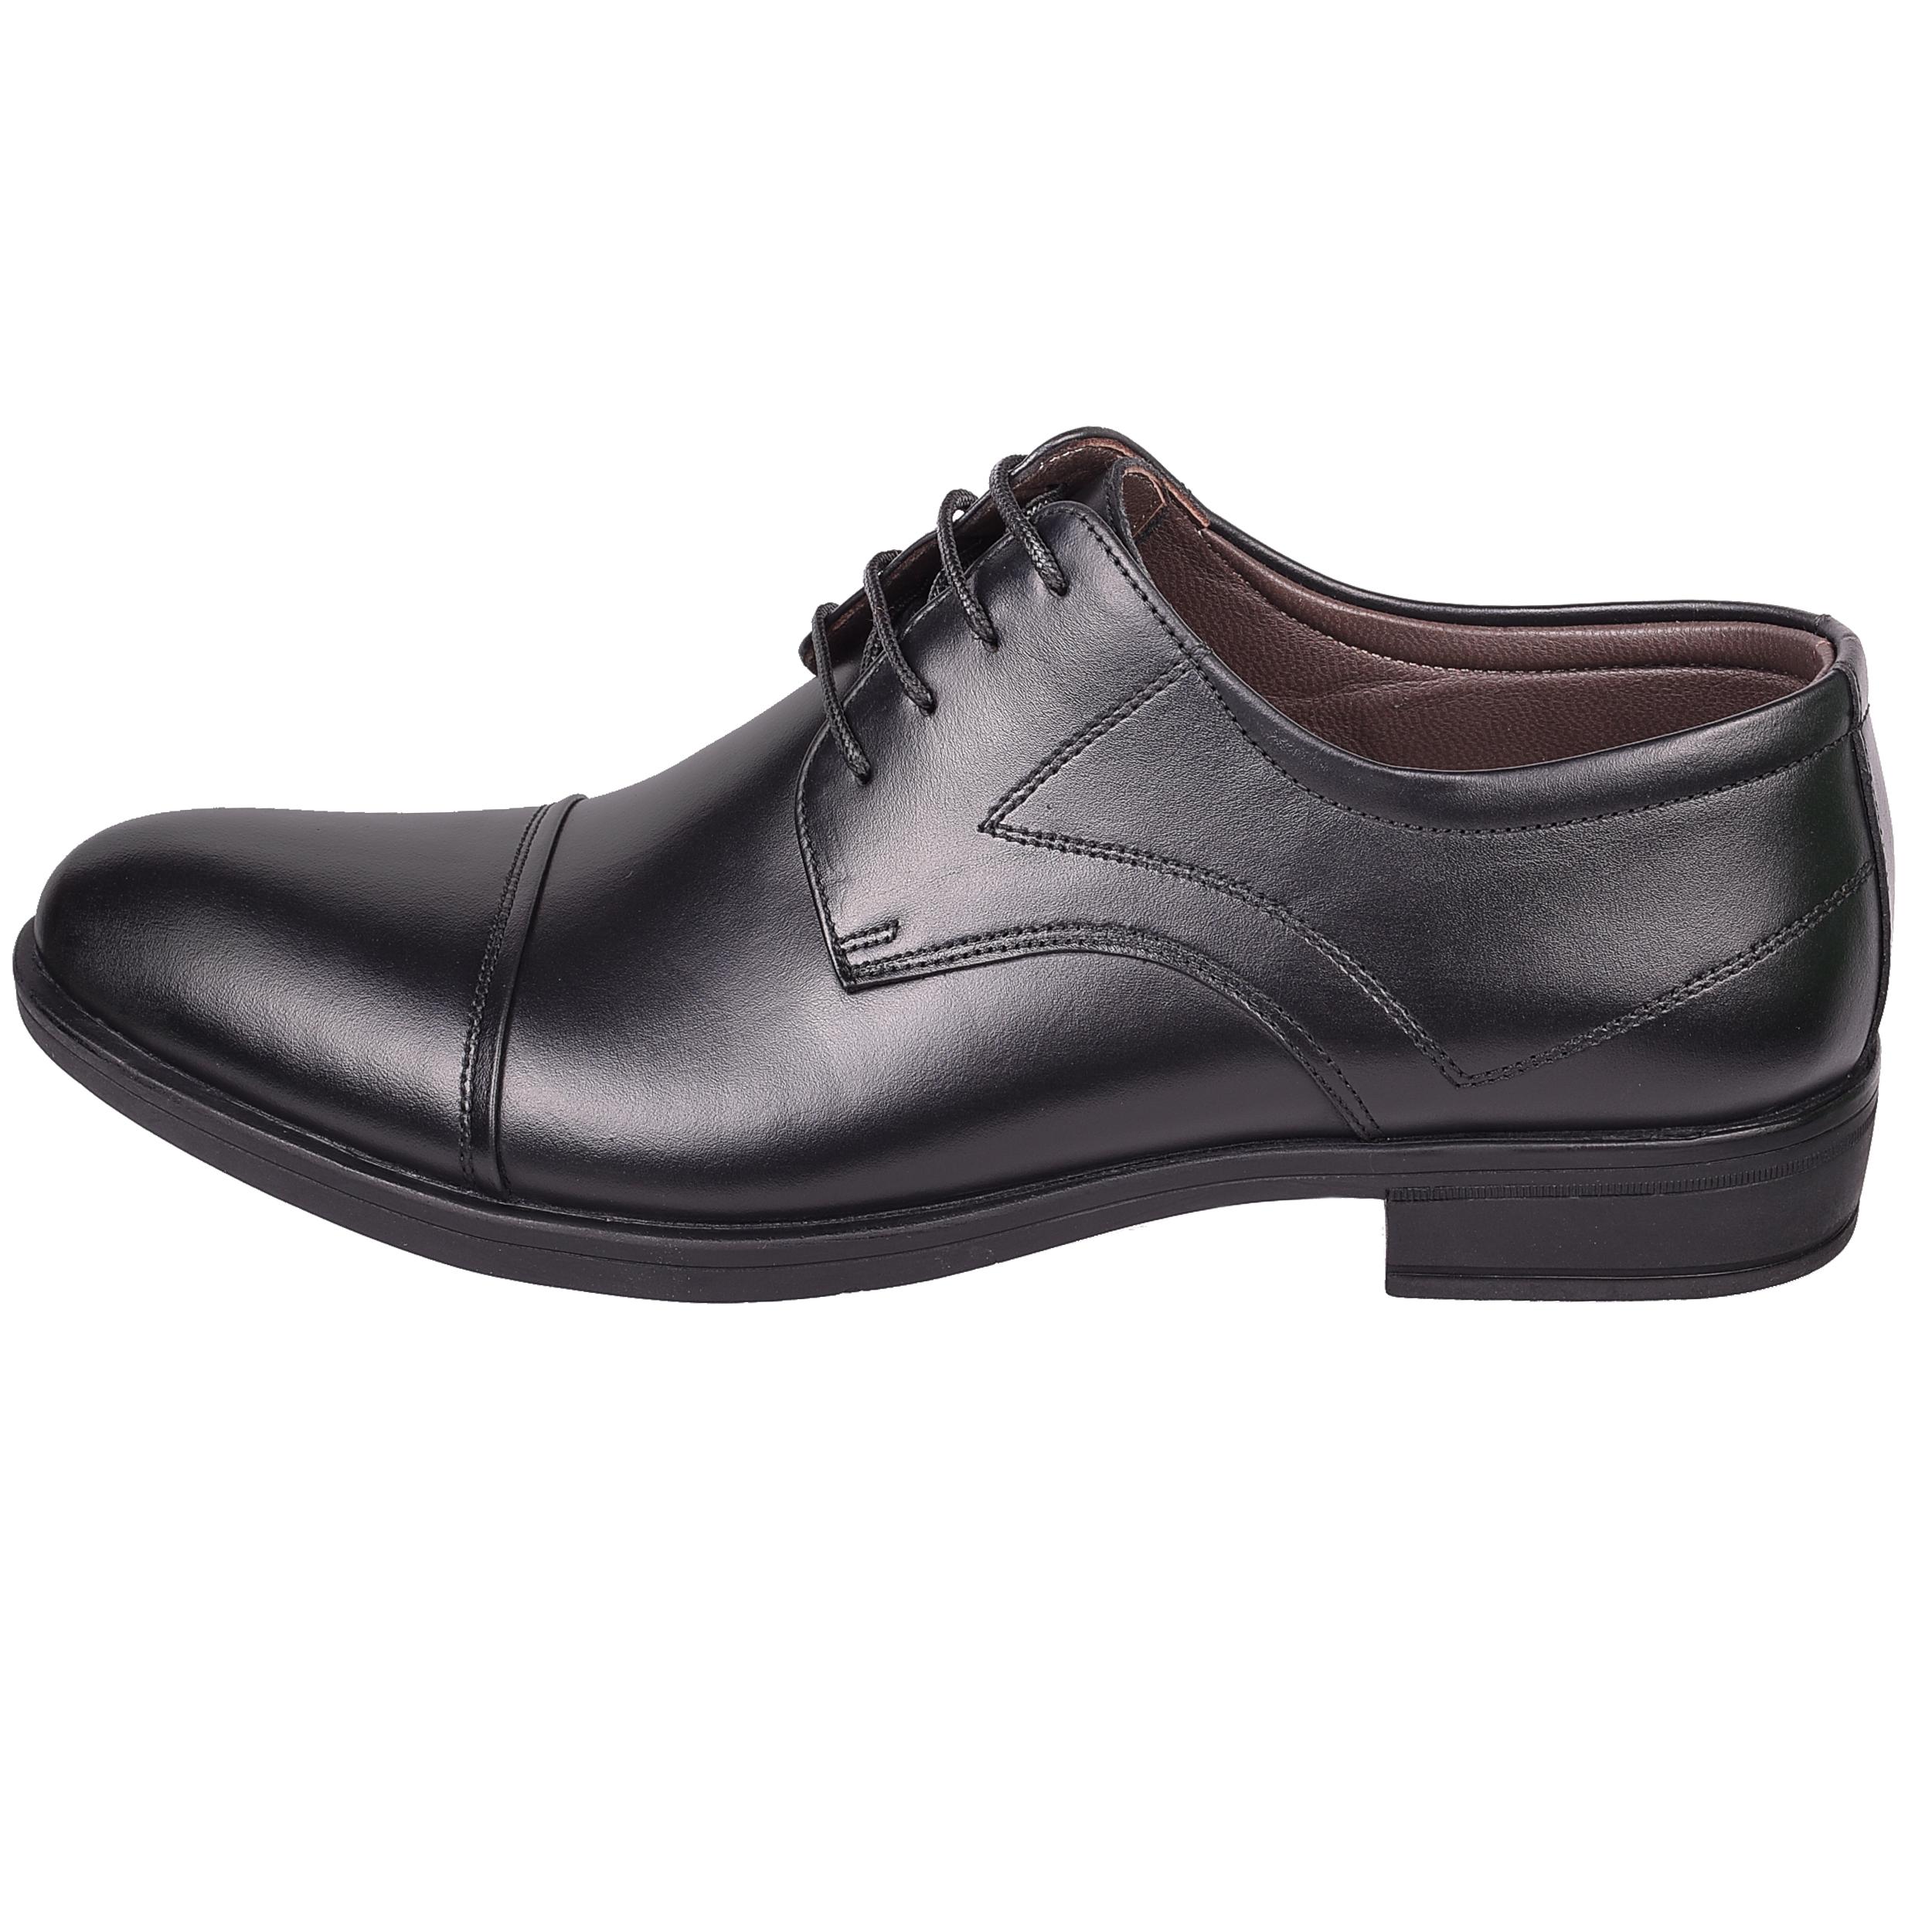 کفش مردانه امگا کد 1613 رنگ مشکی